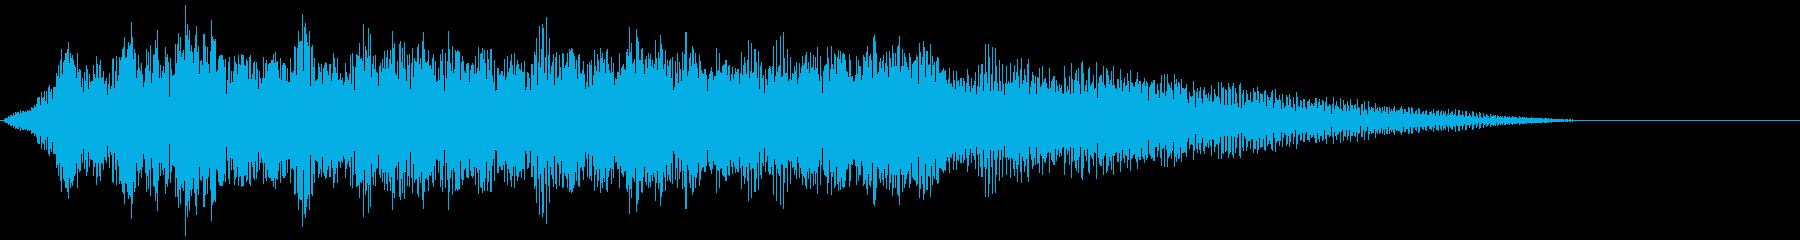 【タイトルロゴ】暗いサイバー空間の再生済みの波形